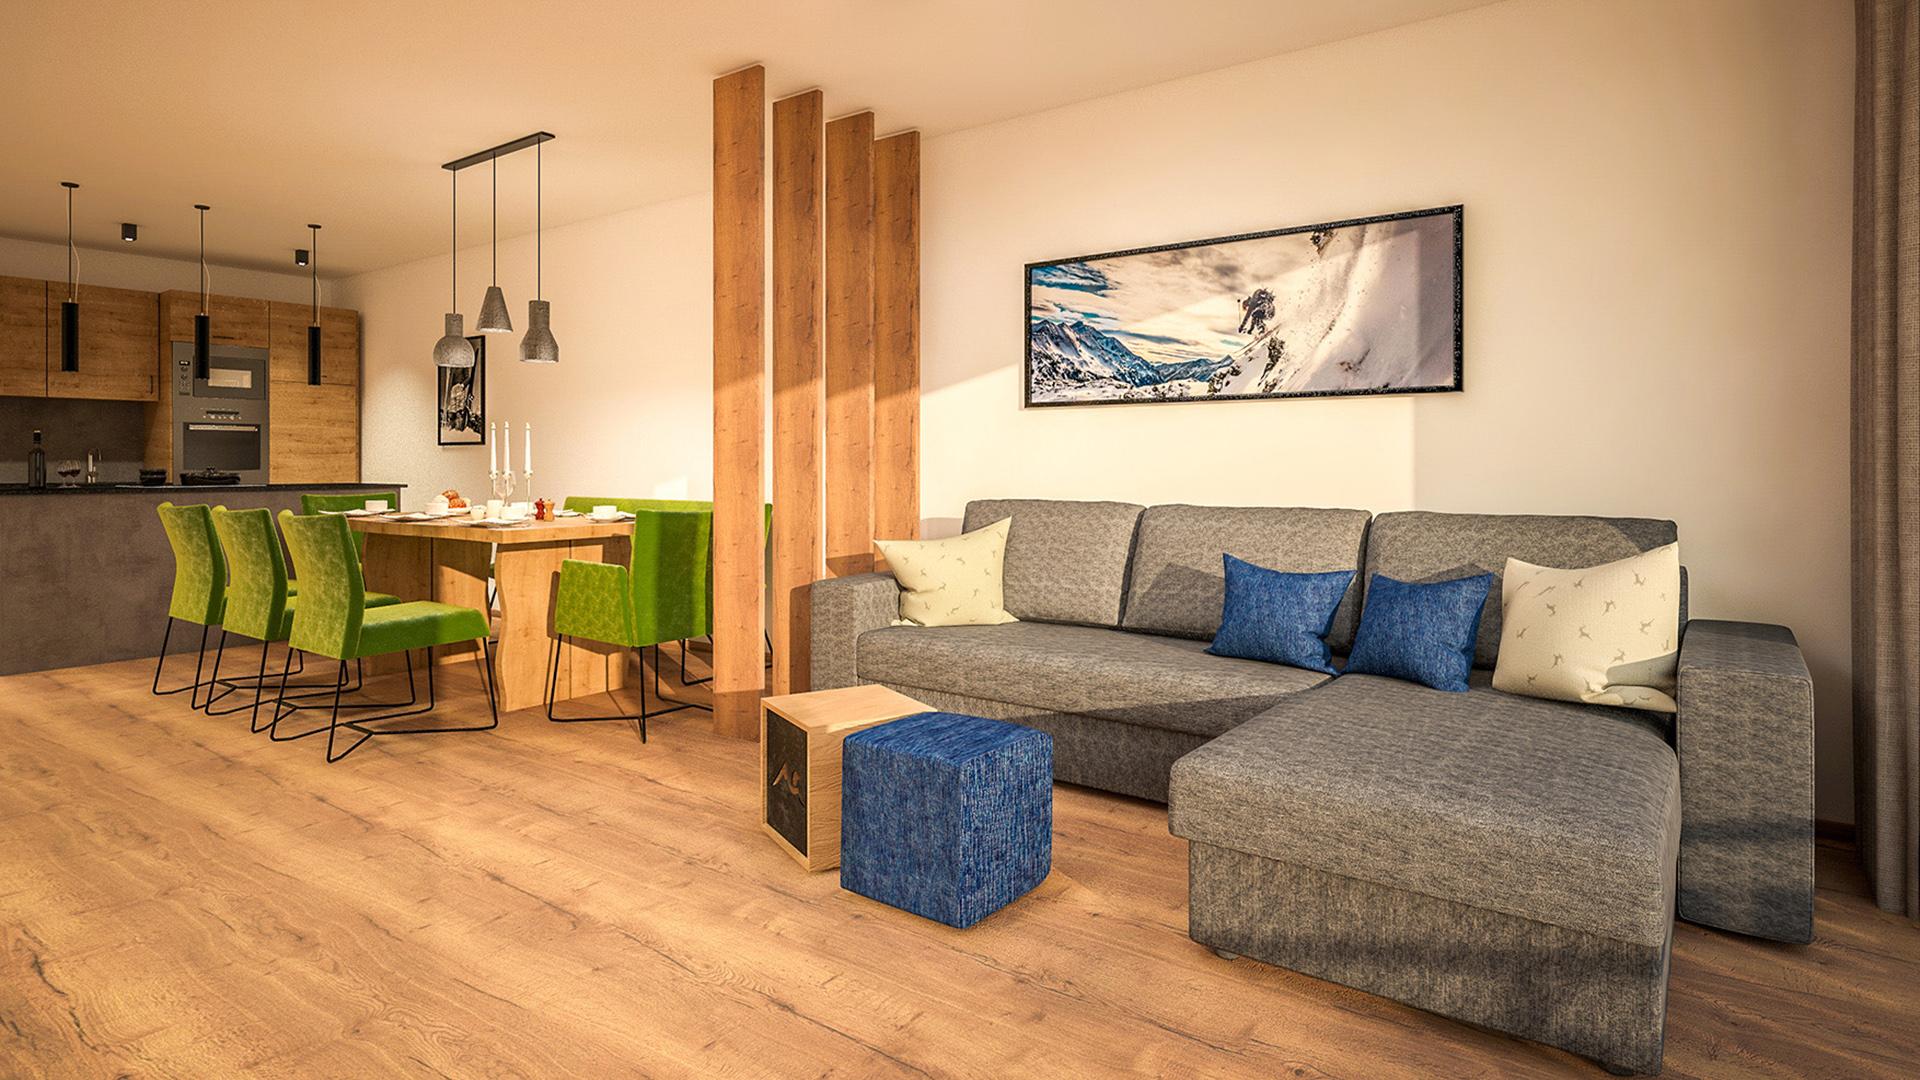 The Rauris Apartments Apartments, Austria